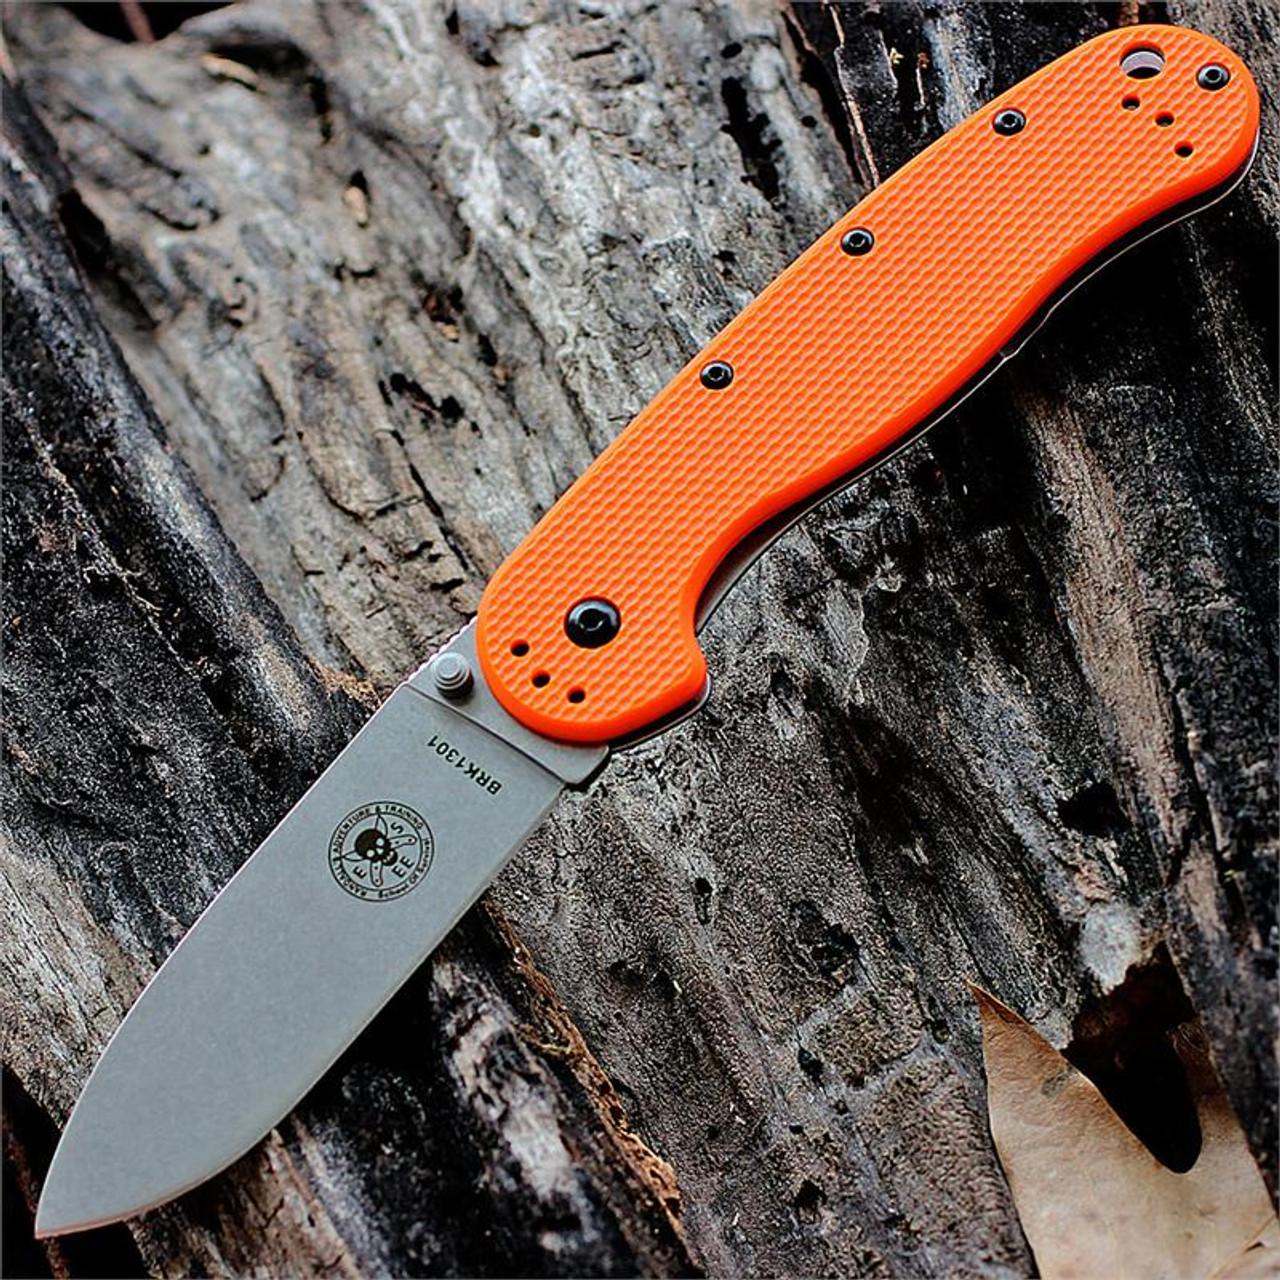 BRK Avispa Folder, Orange Nylon handles, Stonewash AUS-8 Blade, Plain Edge, Design by Esee Knives